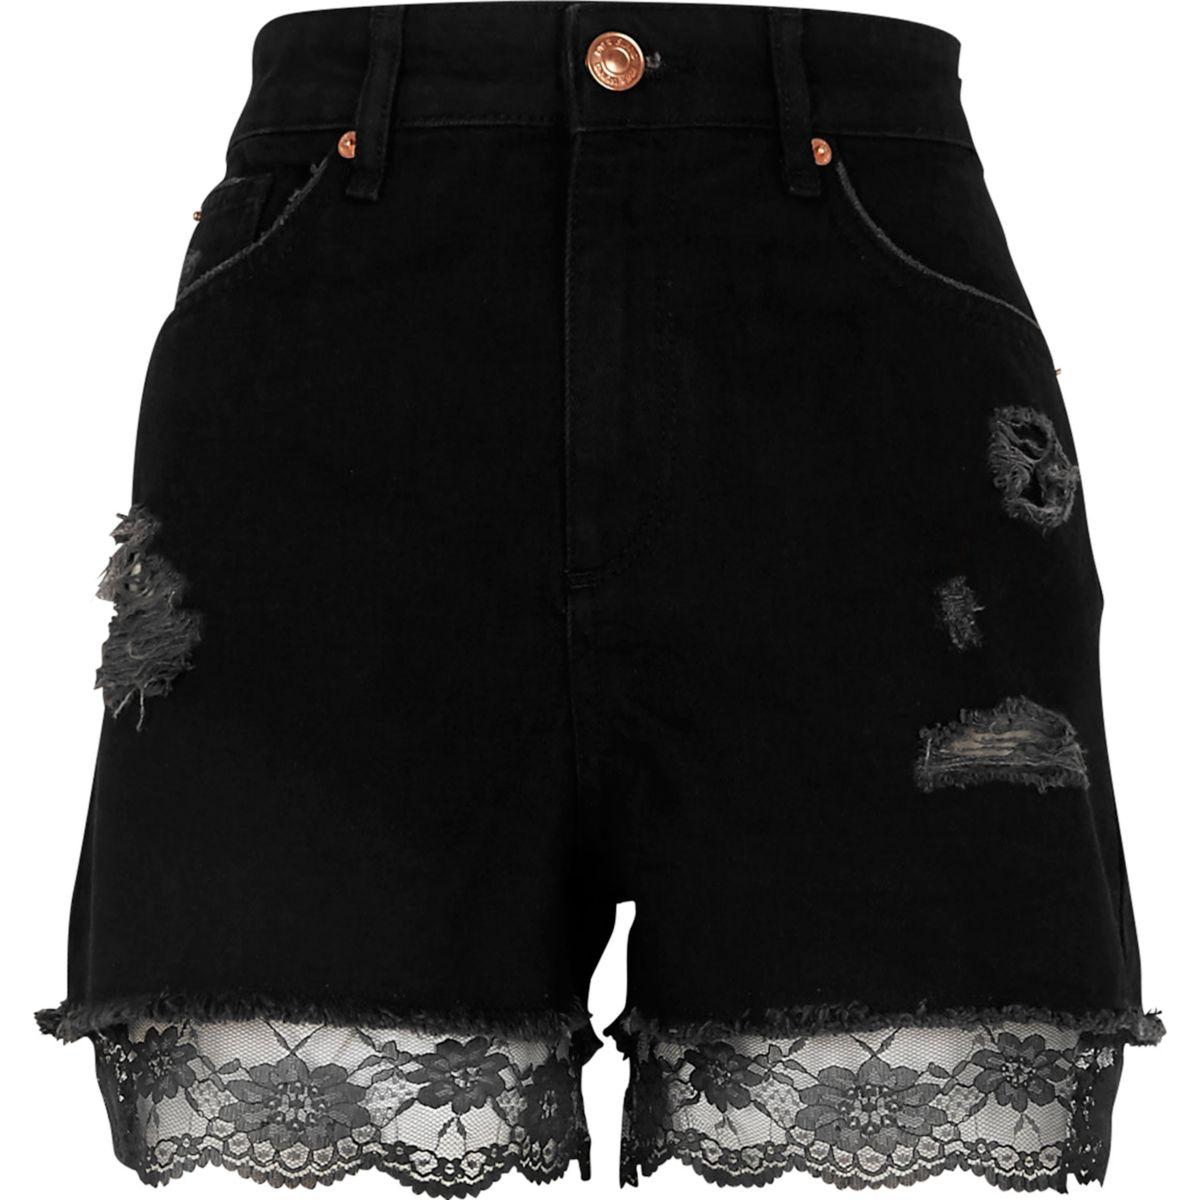 Schwarze hochgeschnittene Jeansshorts mit Spitzenbesatz